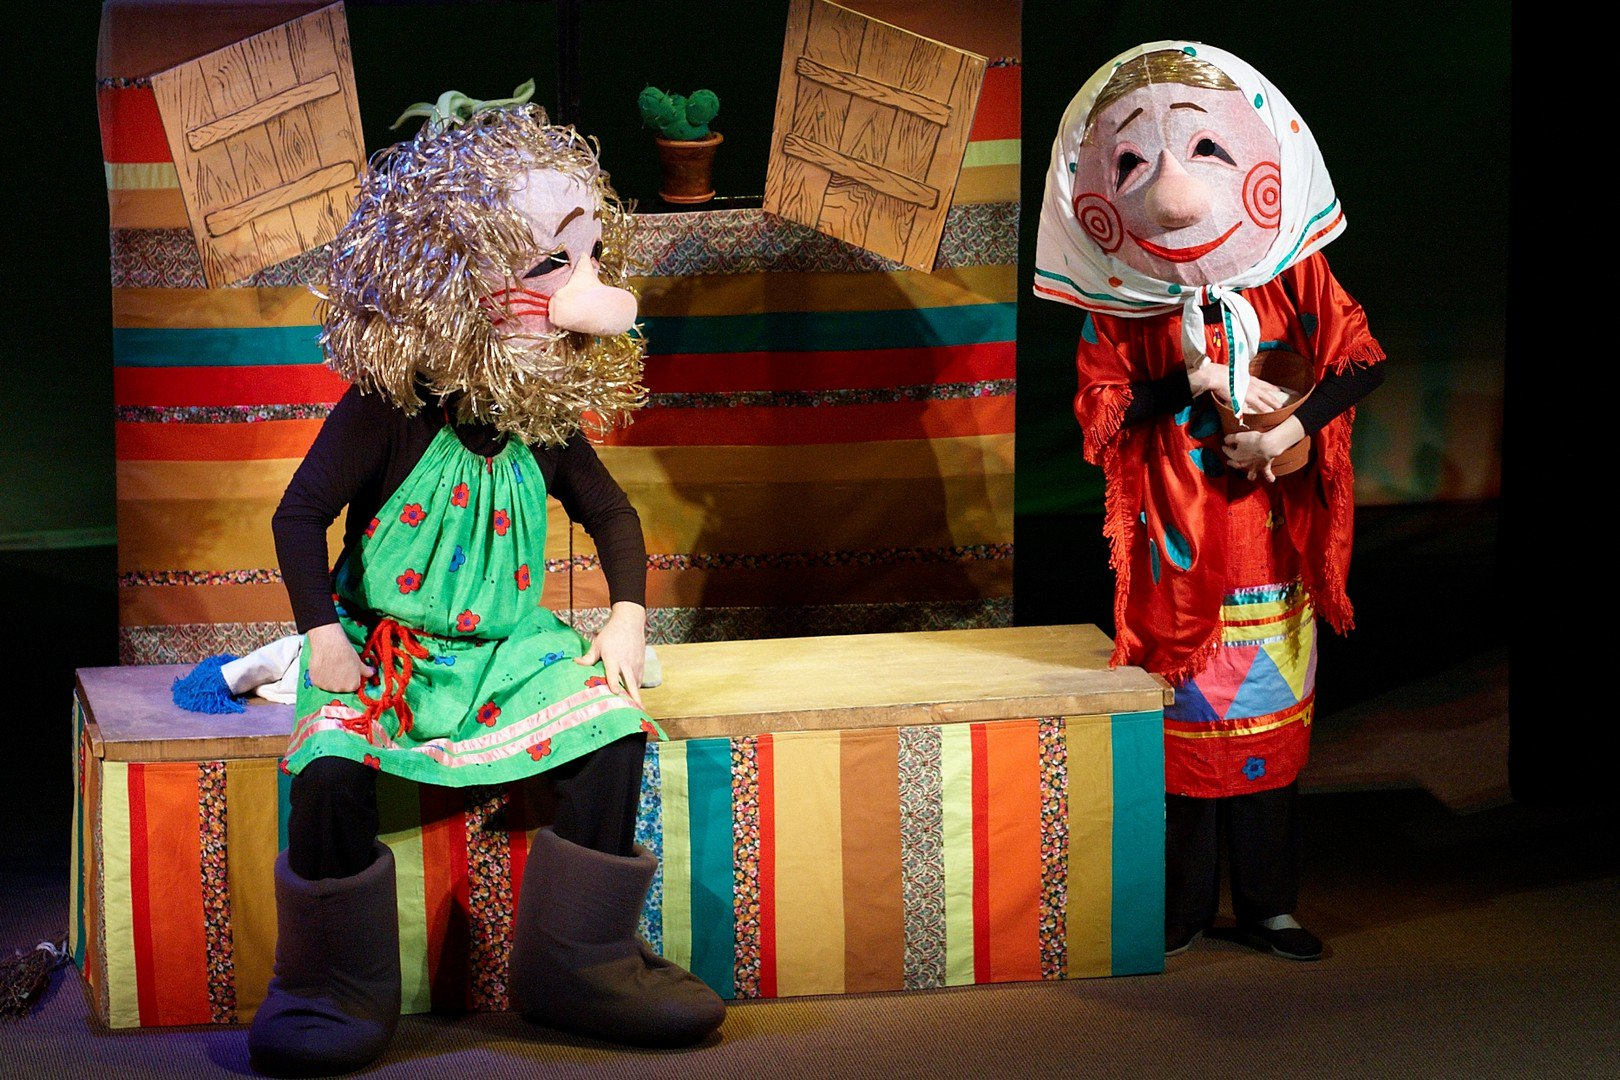 иногда кукольный театр картинки к сказке колобок ушёл головой большой